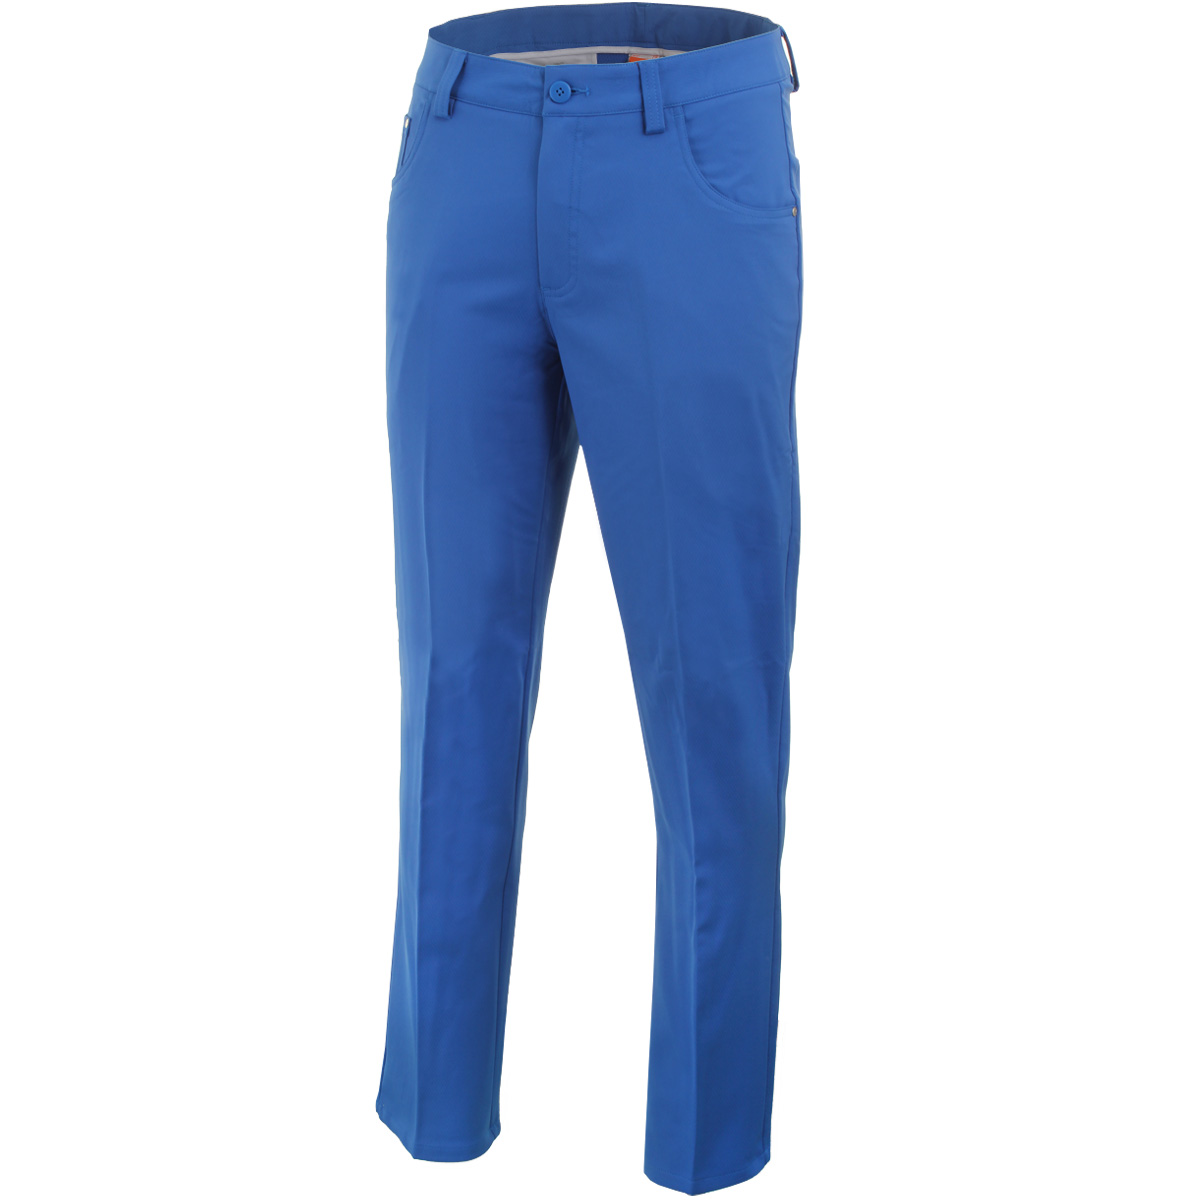 Puma golf Puma 6 Pocket pant pánské golfové kalhoty - modré Velikost: 32/34